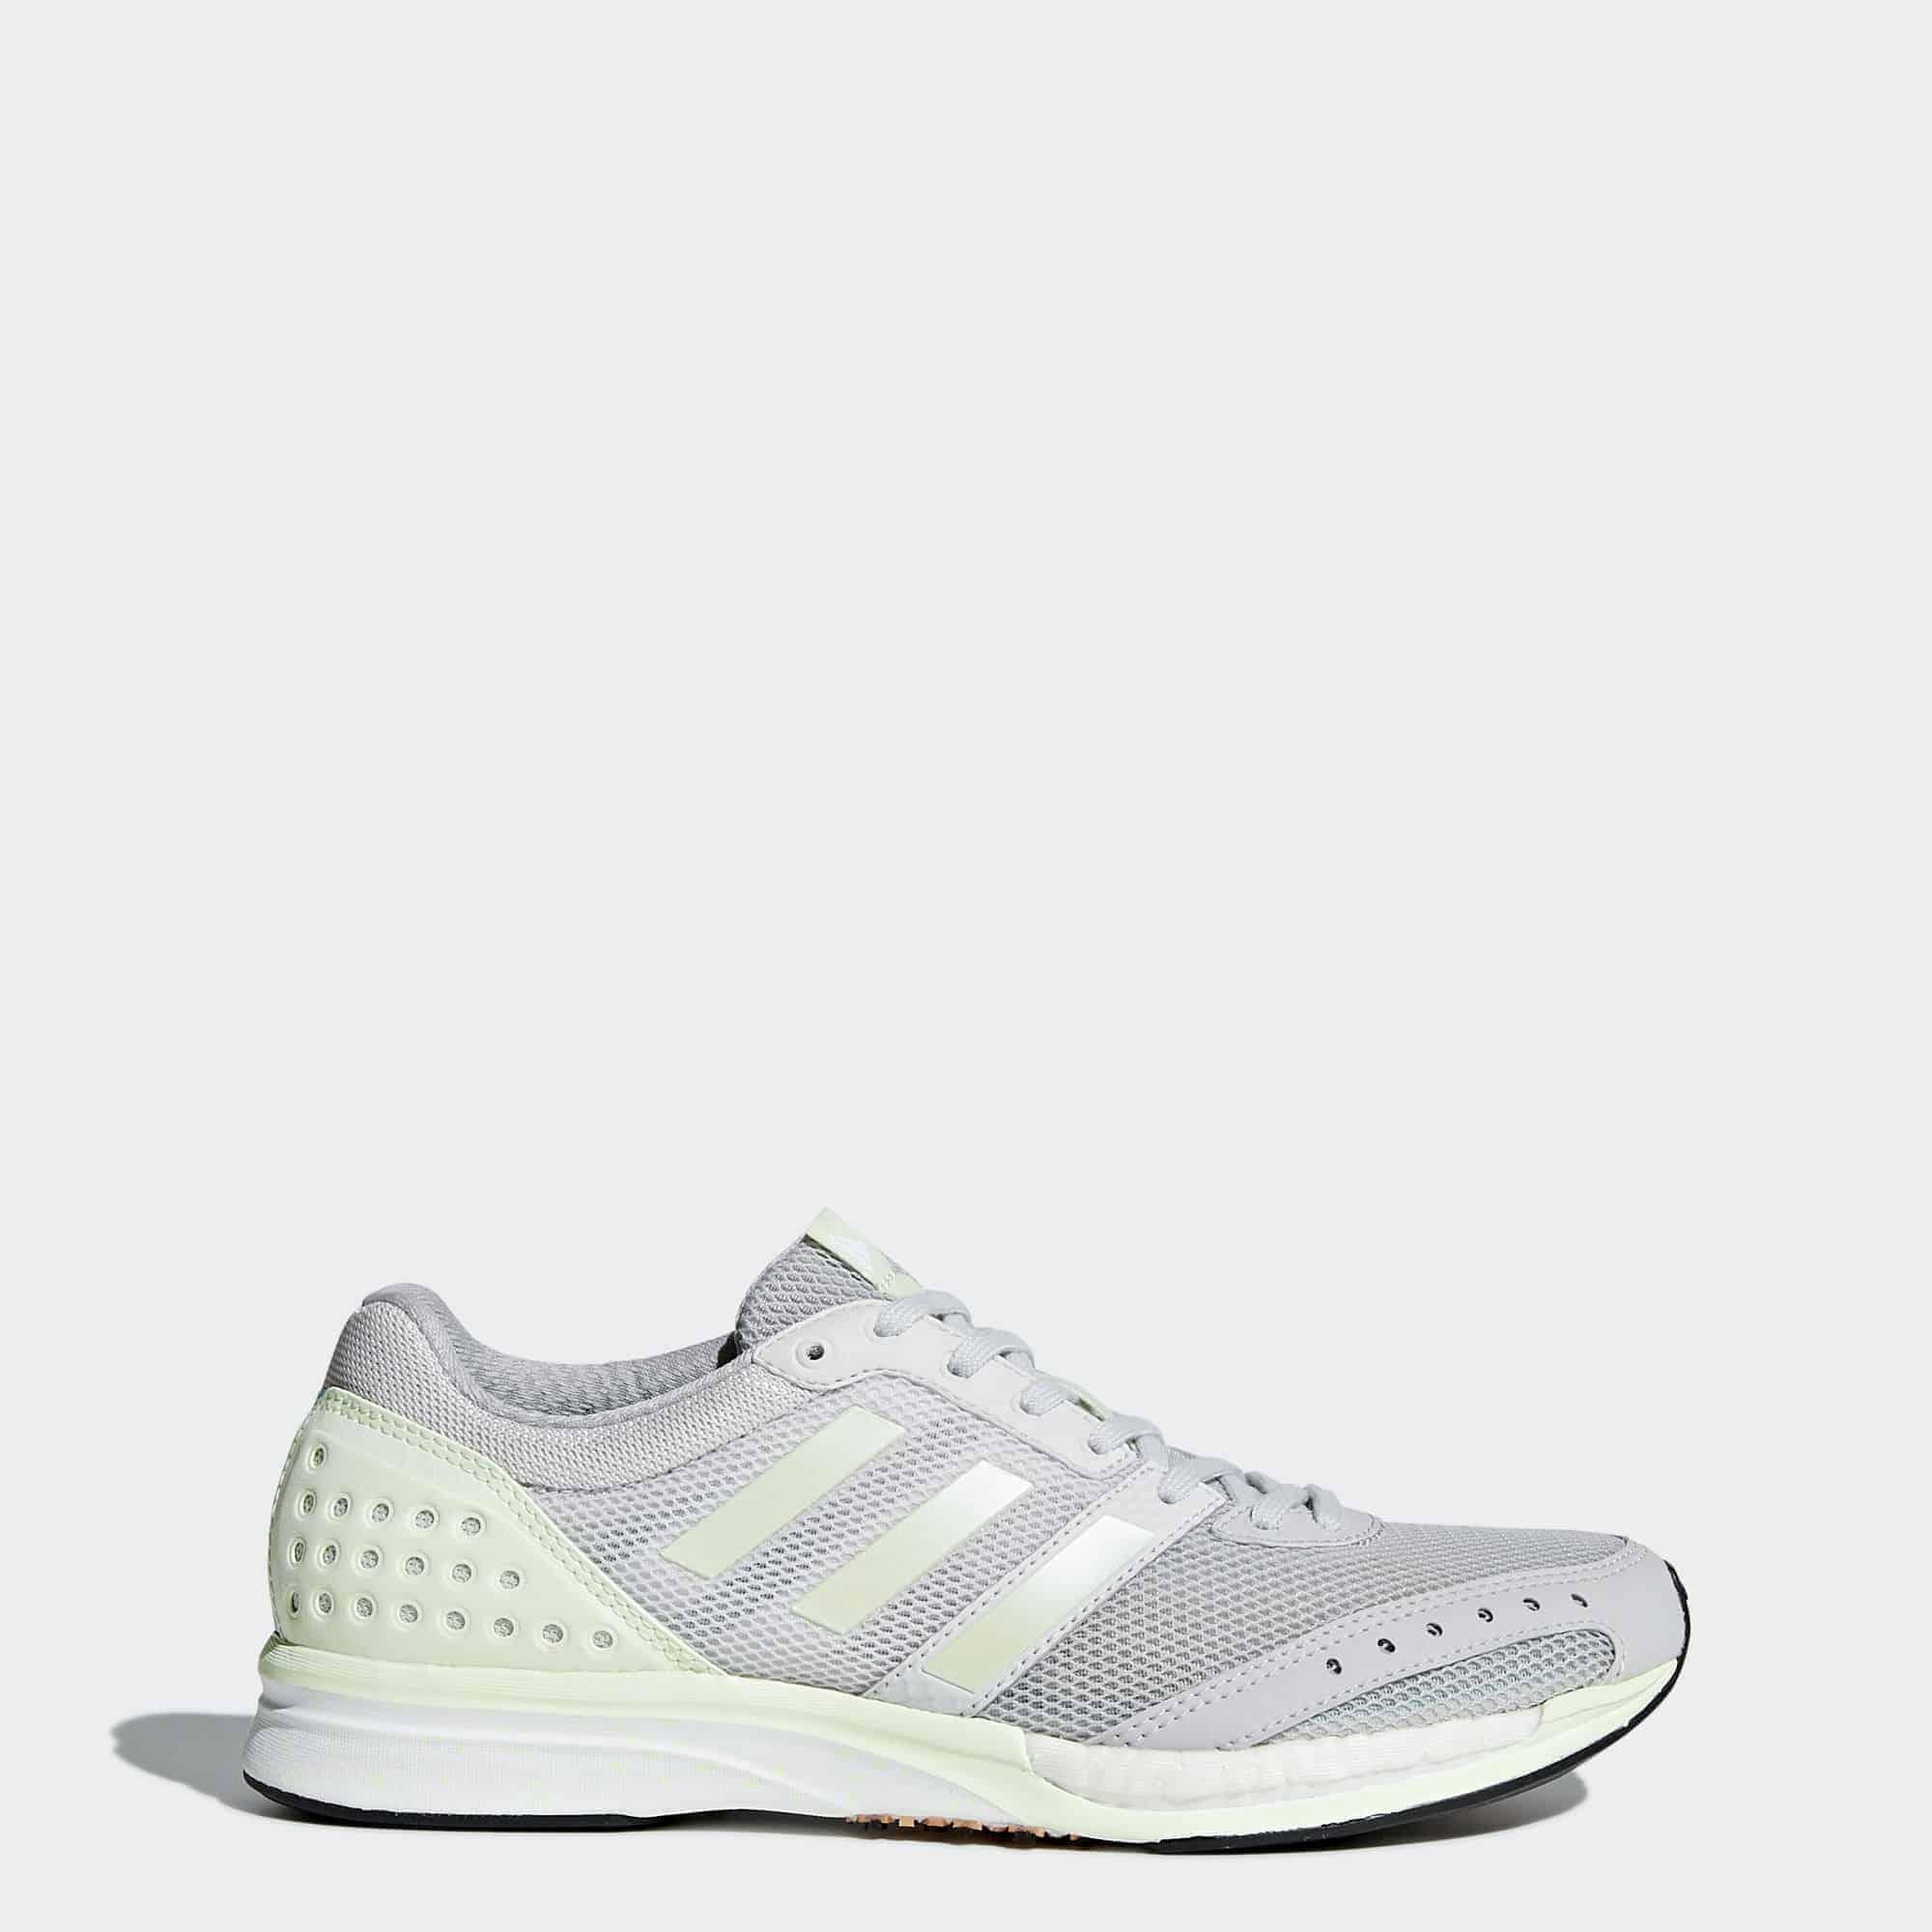 Кроссовки для бега Adidas Adizero Takumi Ren 3 женские